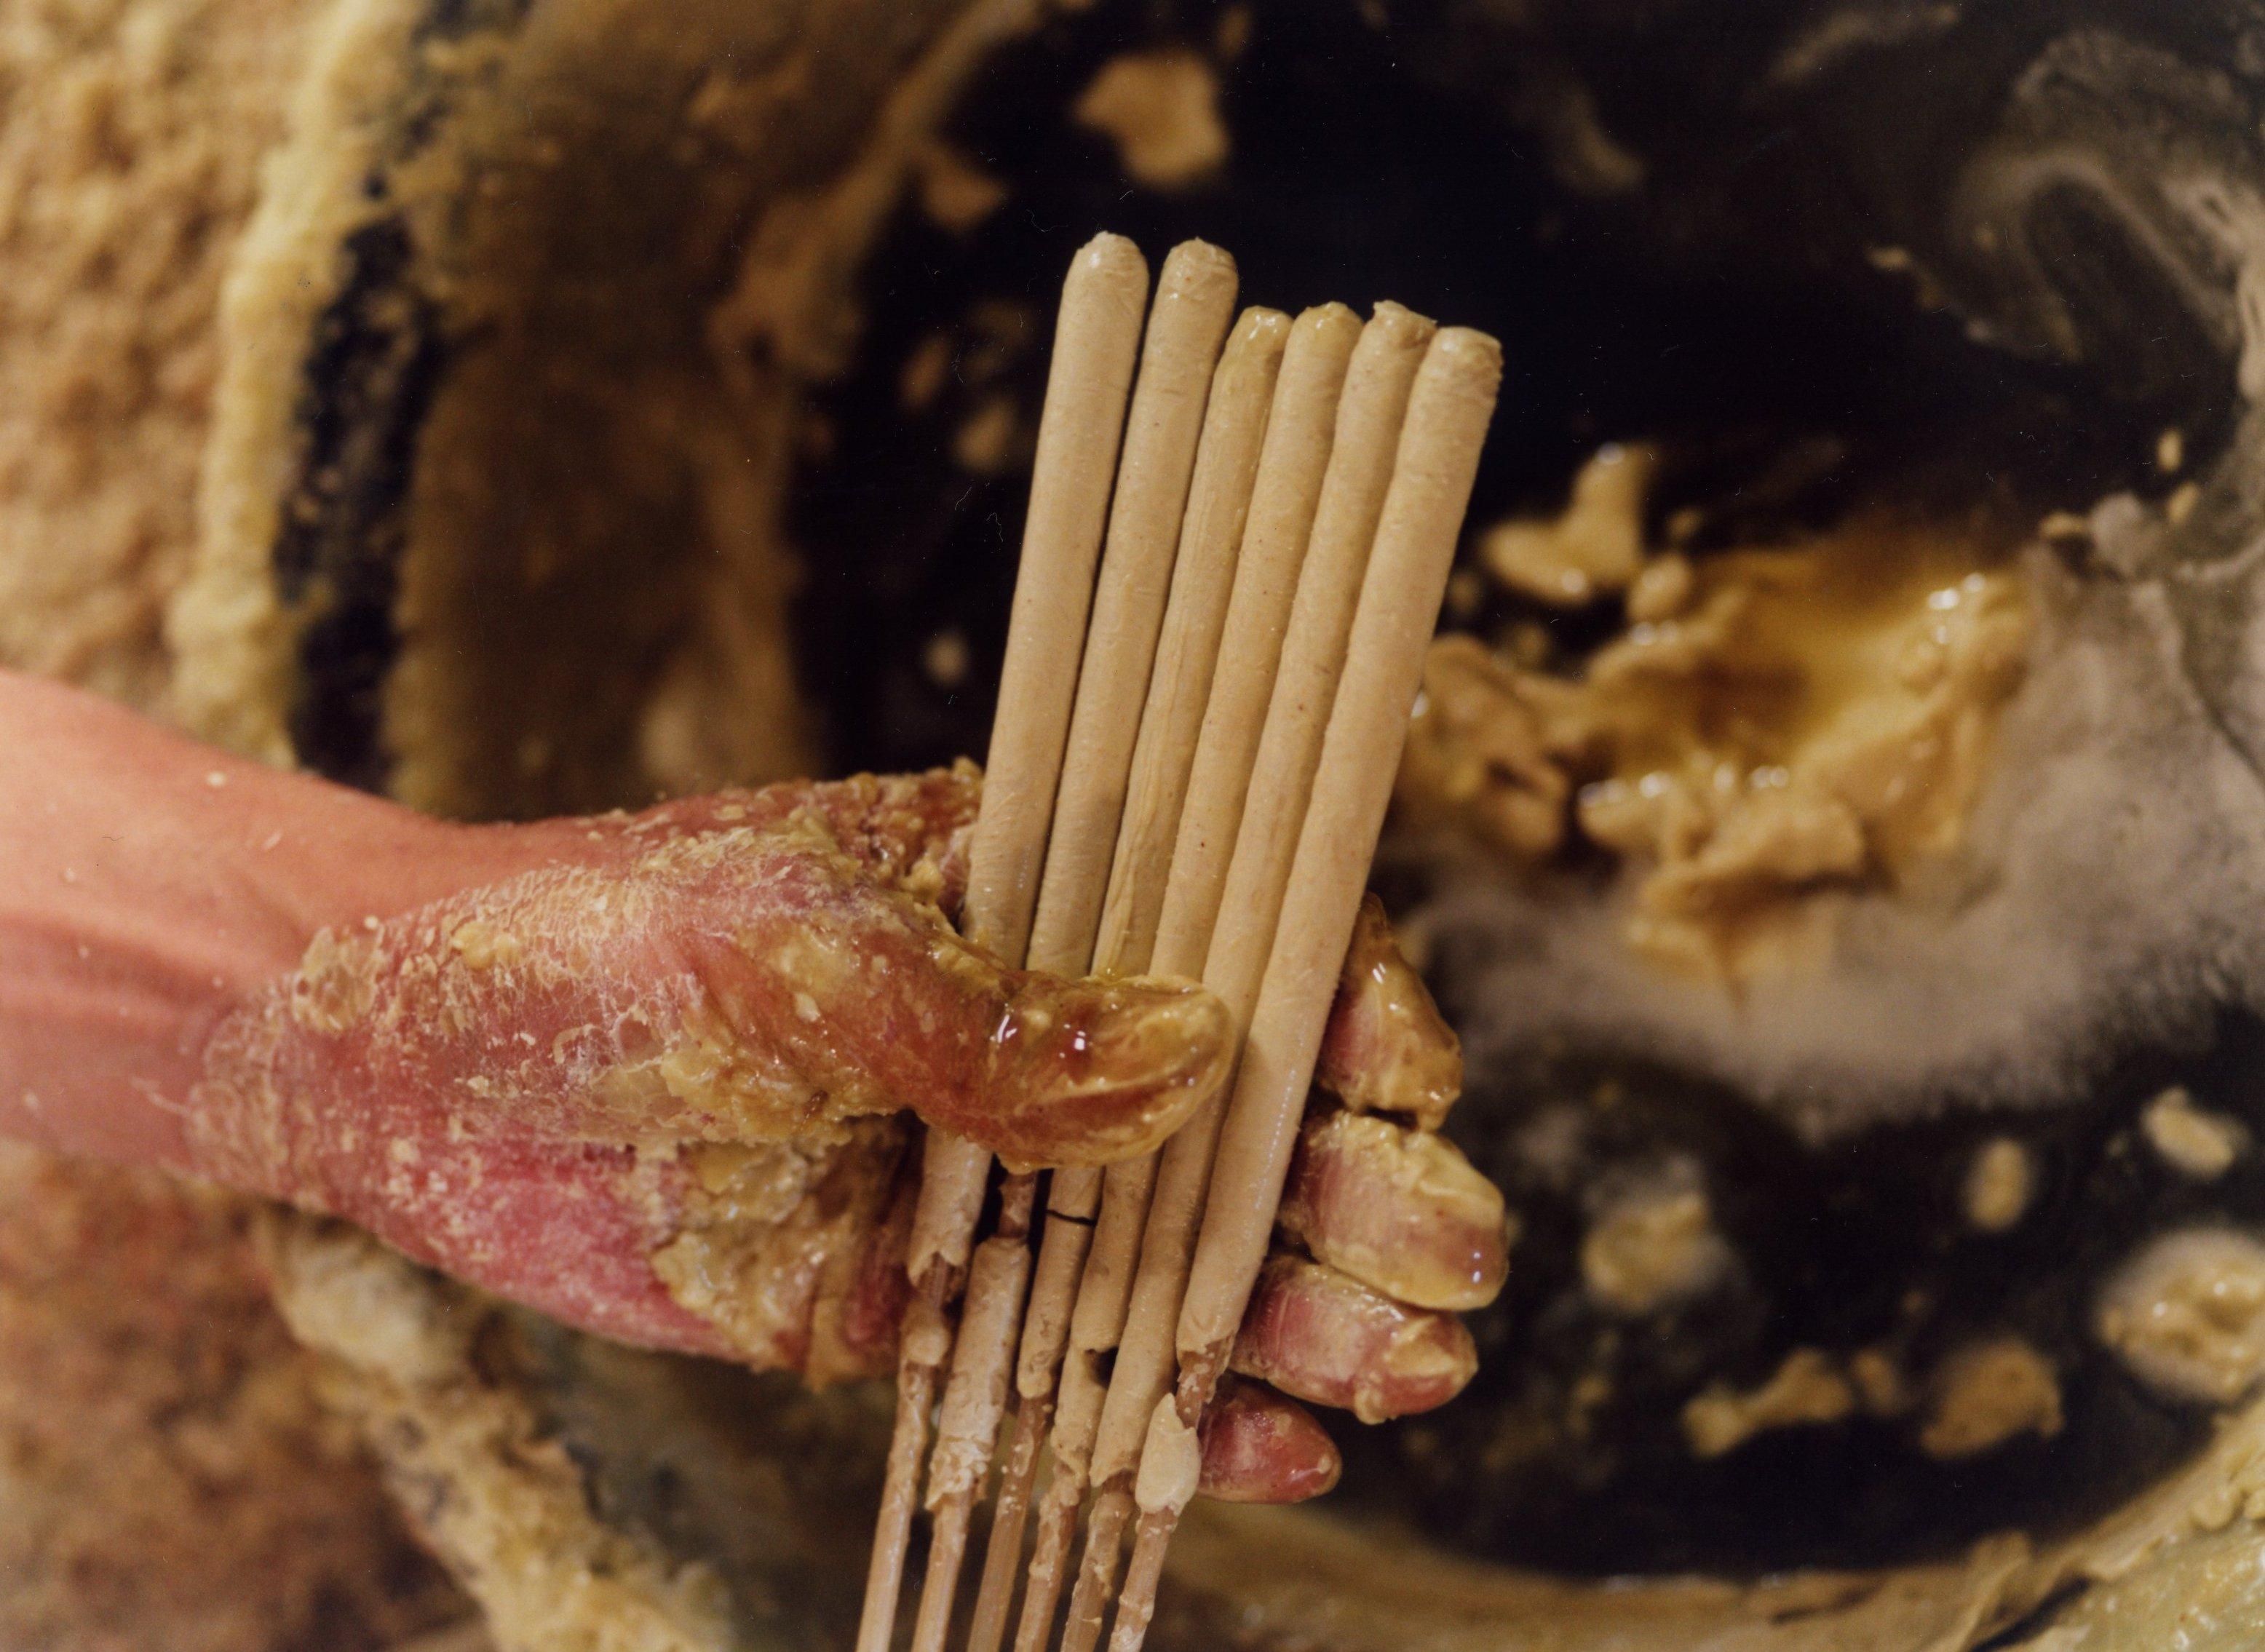 400年ほど、変わらない製法と素材で、もっとも美しく燃える形にデザインされた ろうそくを手で仕上げていく。